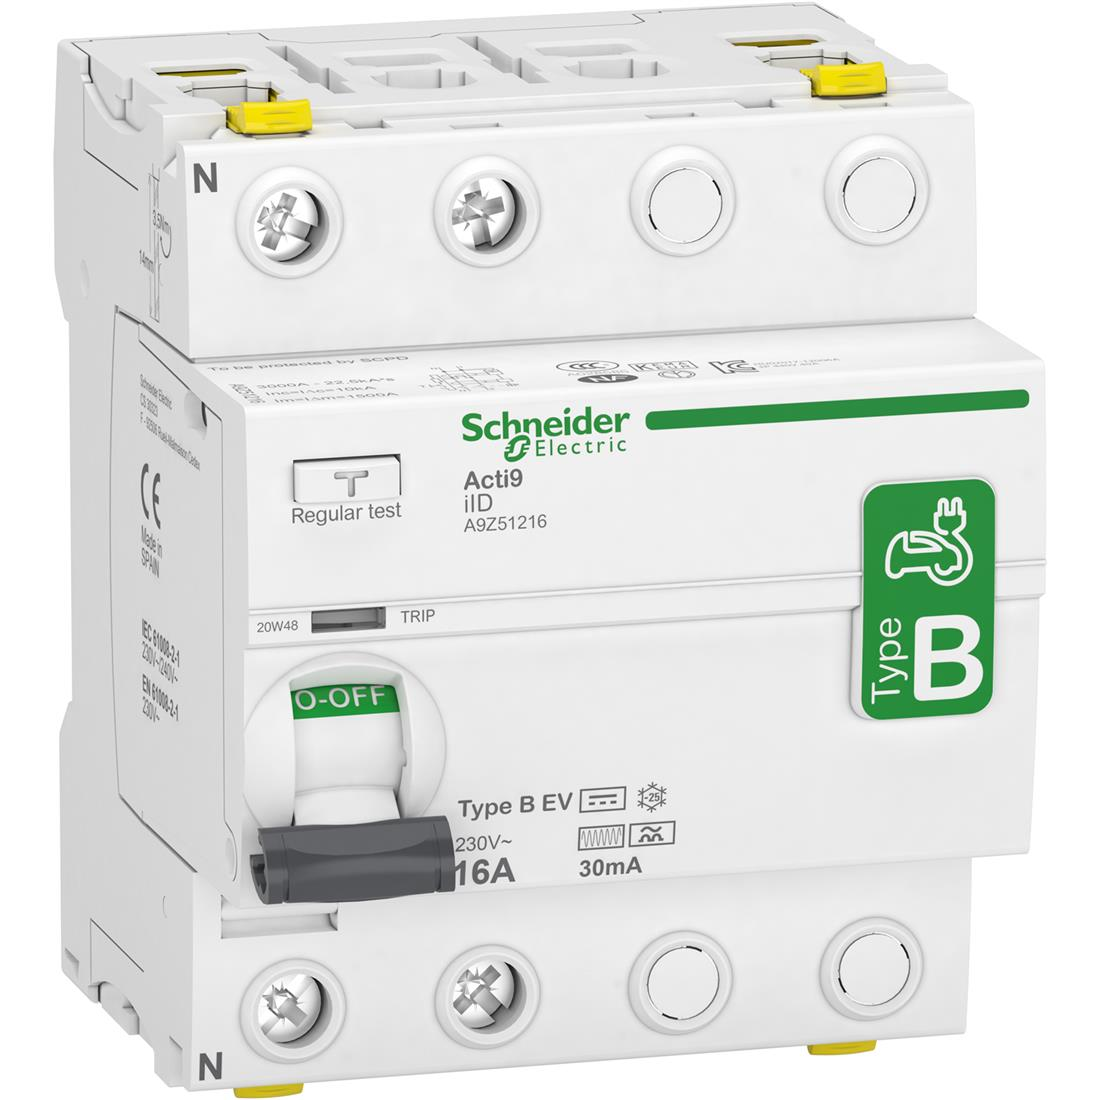 Schneider Electric aardlekschakelaar 2P 16A 30mA type B (A9Z51216)